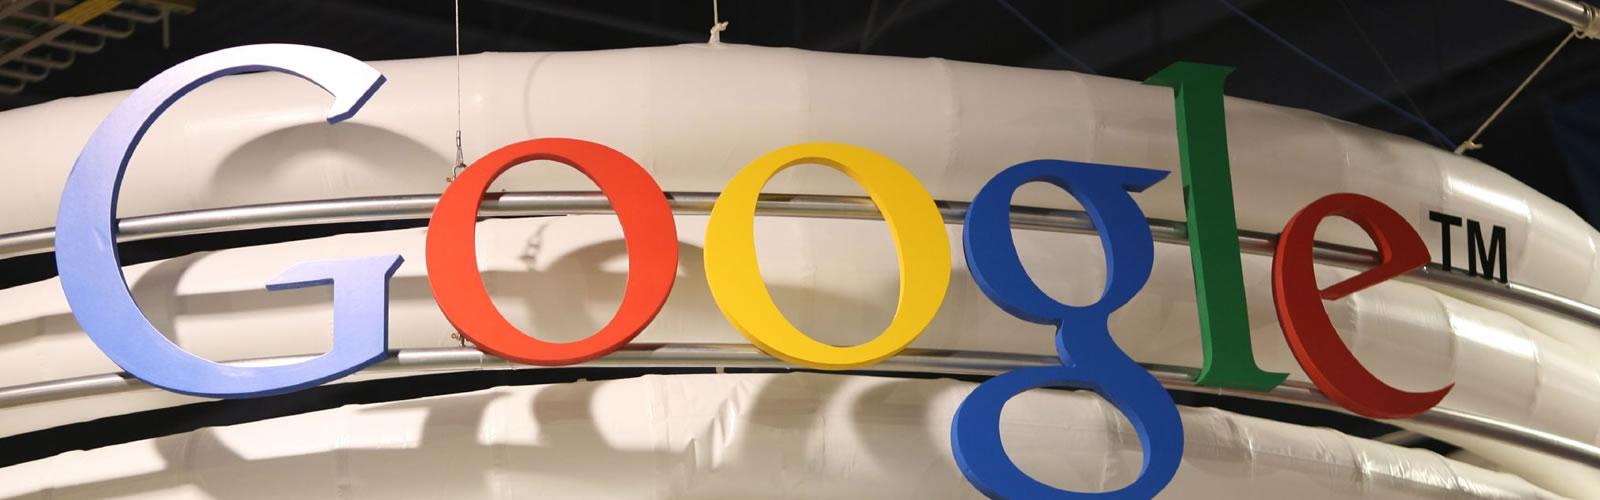 Chrome genera il 3% del traffico iOS